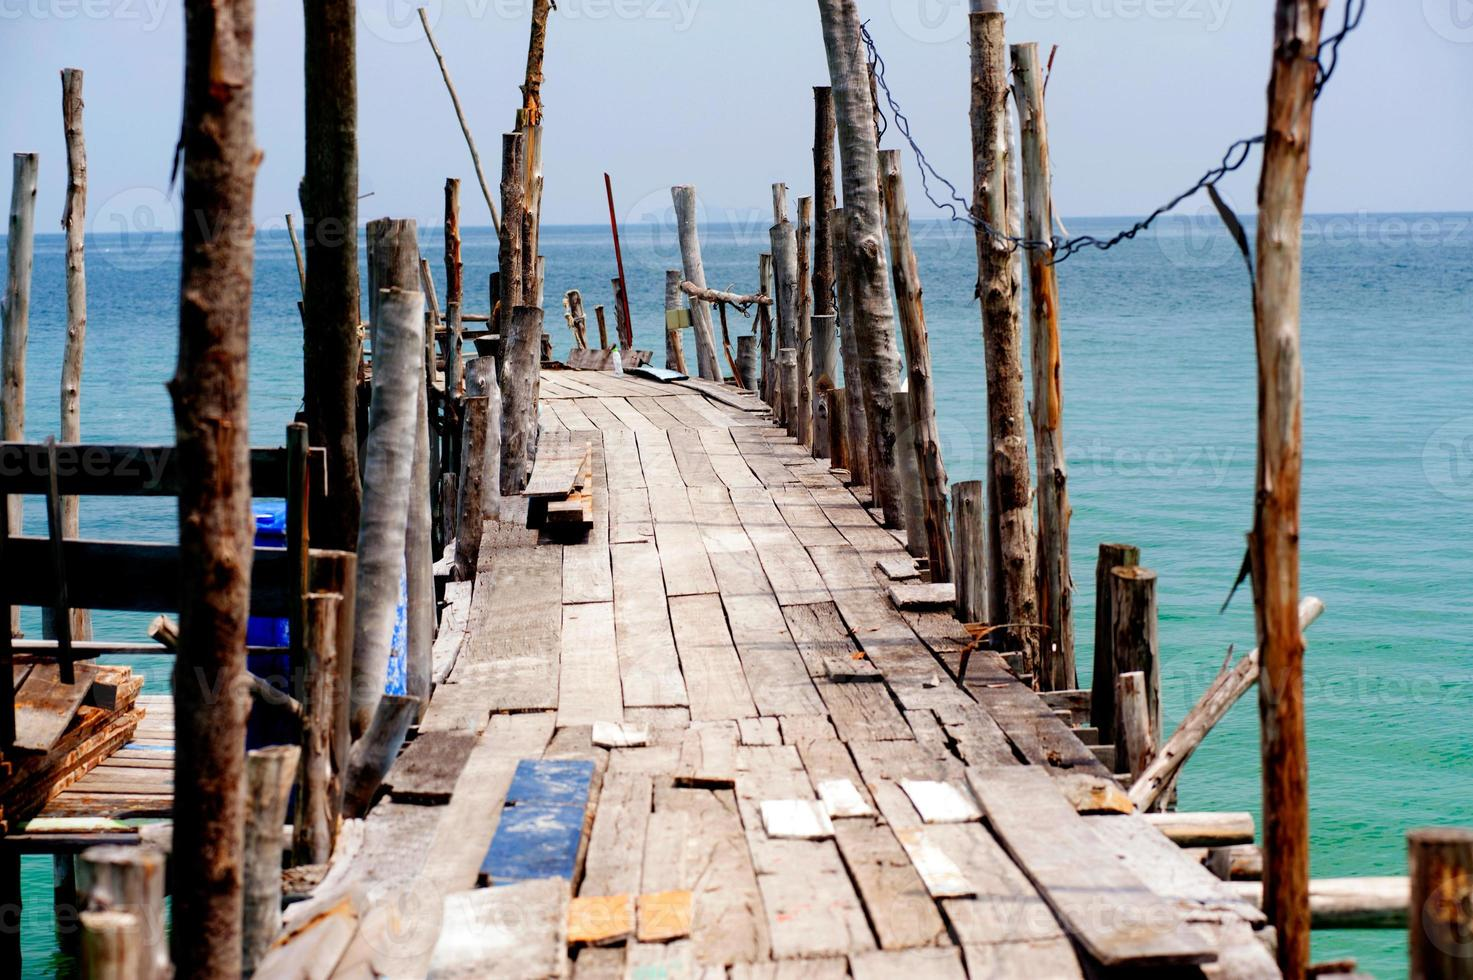 pont en bois traditionnel sur la plage. photo